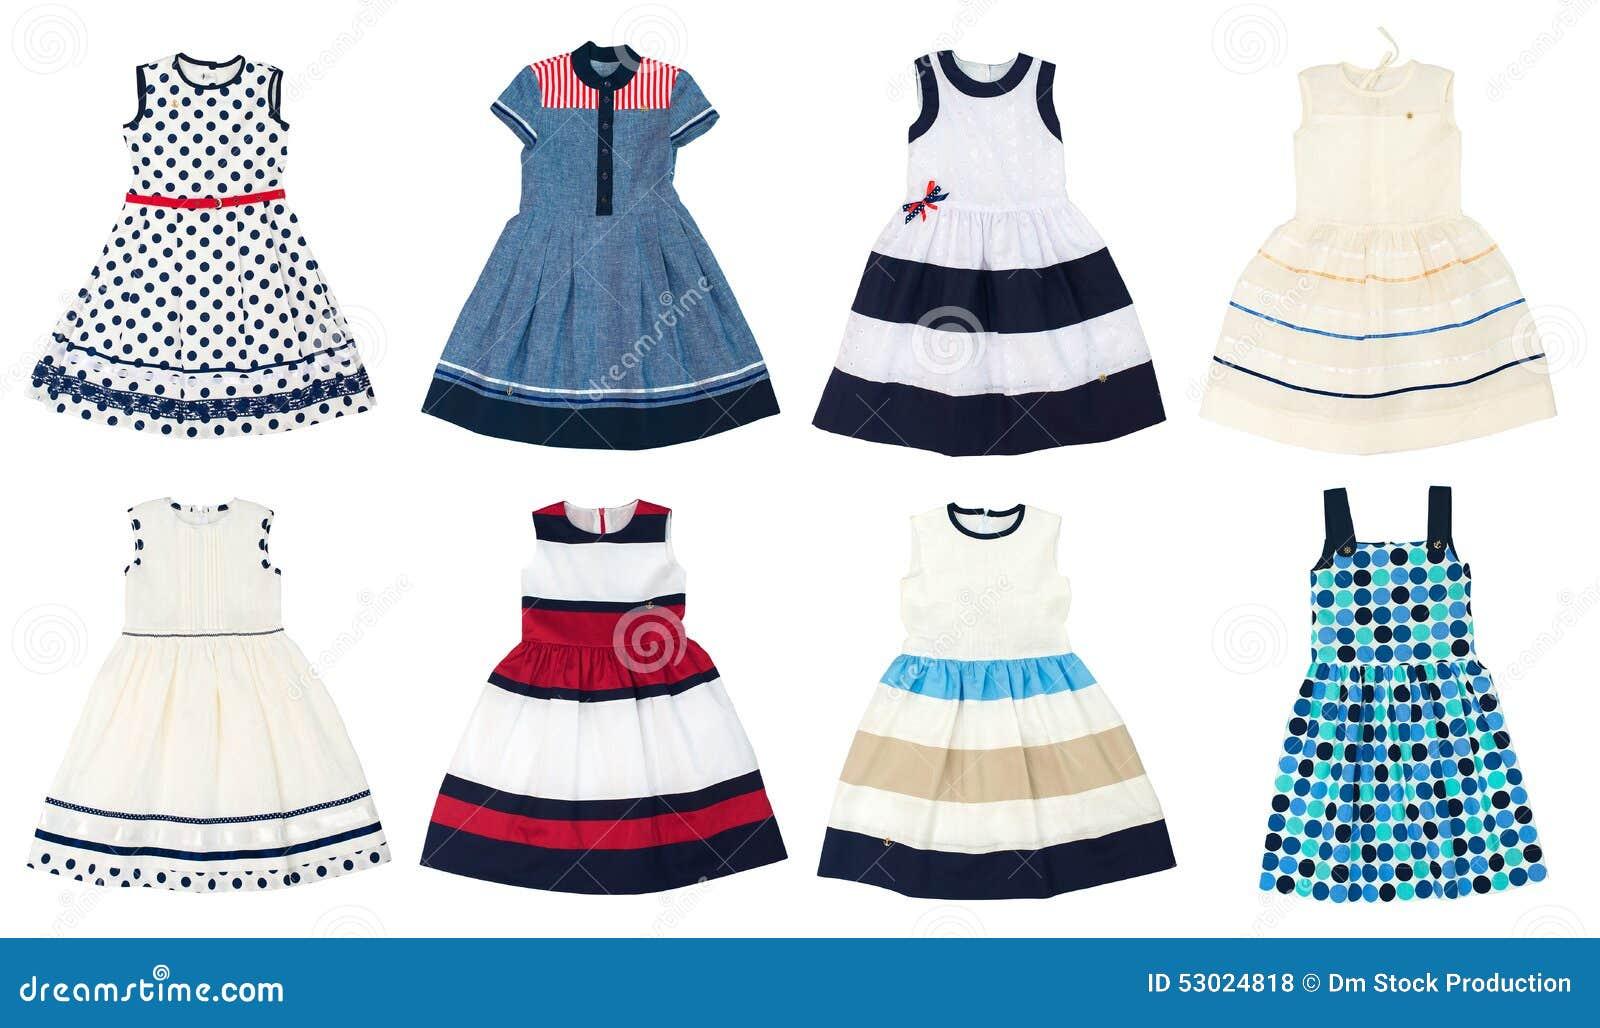 c858887826 Φορέματα κοριτσιών που απομονώνονται στο άσπρο υπόβαθρο Στοκ Εικόνες ...